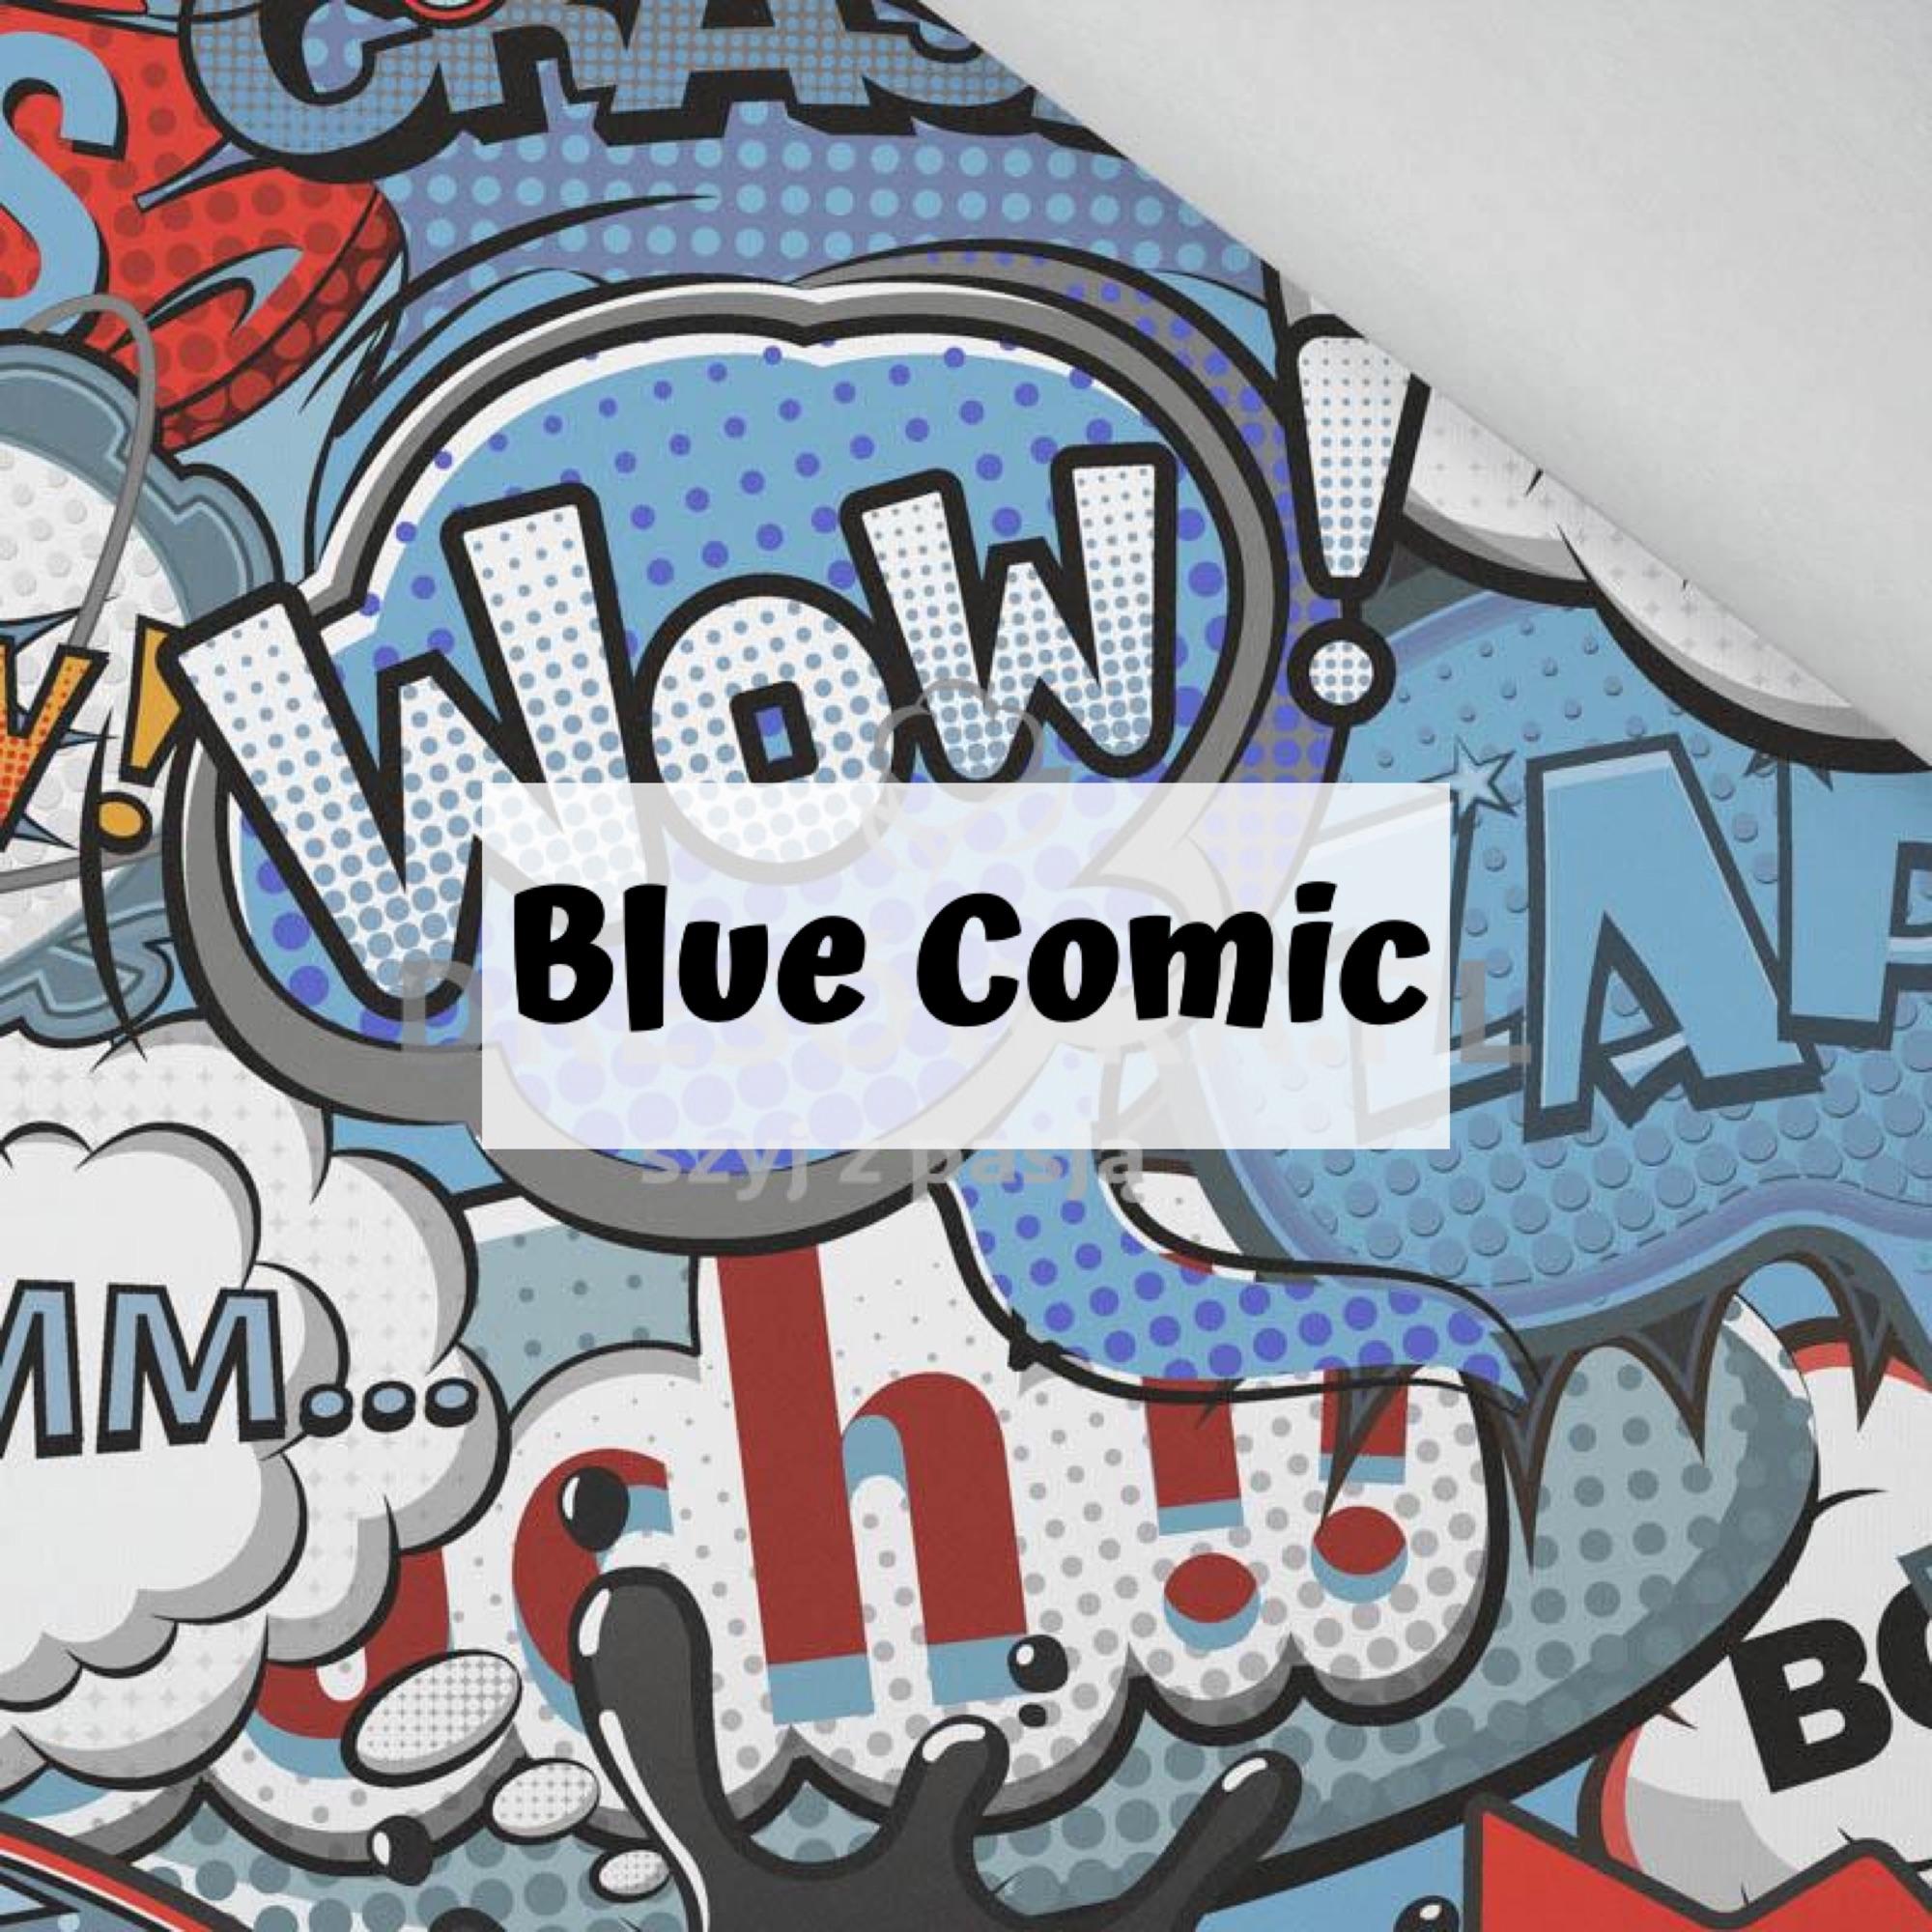 Blue Comic